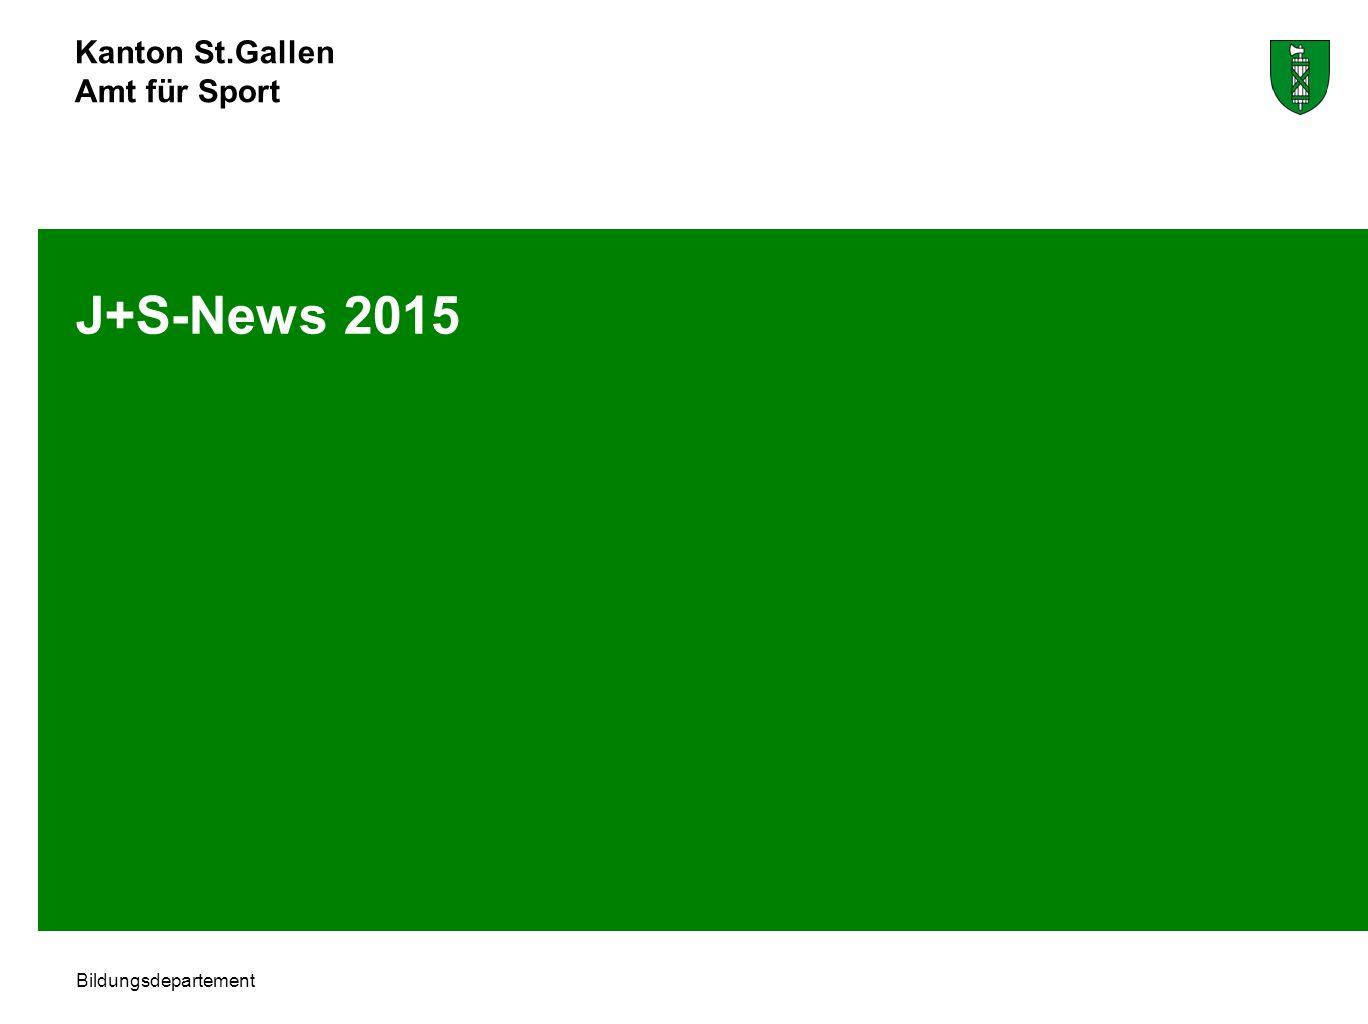 Kanton St.Gallen Amt für Sport Bildungsdepartement J+S-News 2015